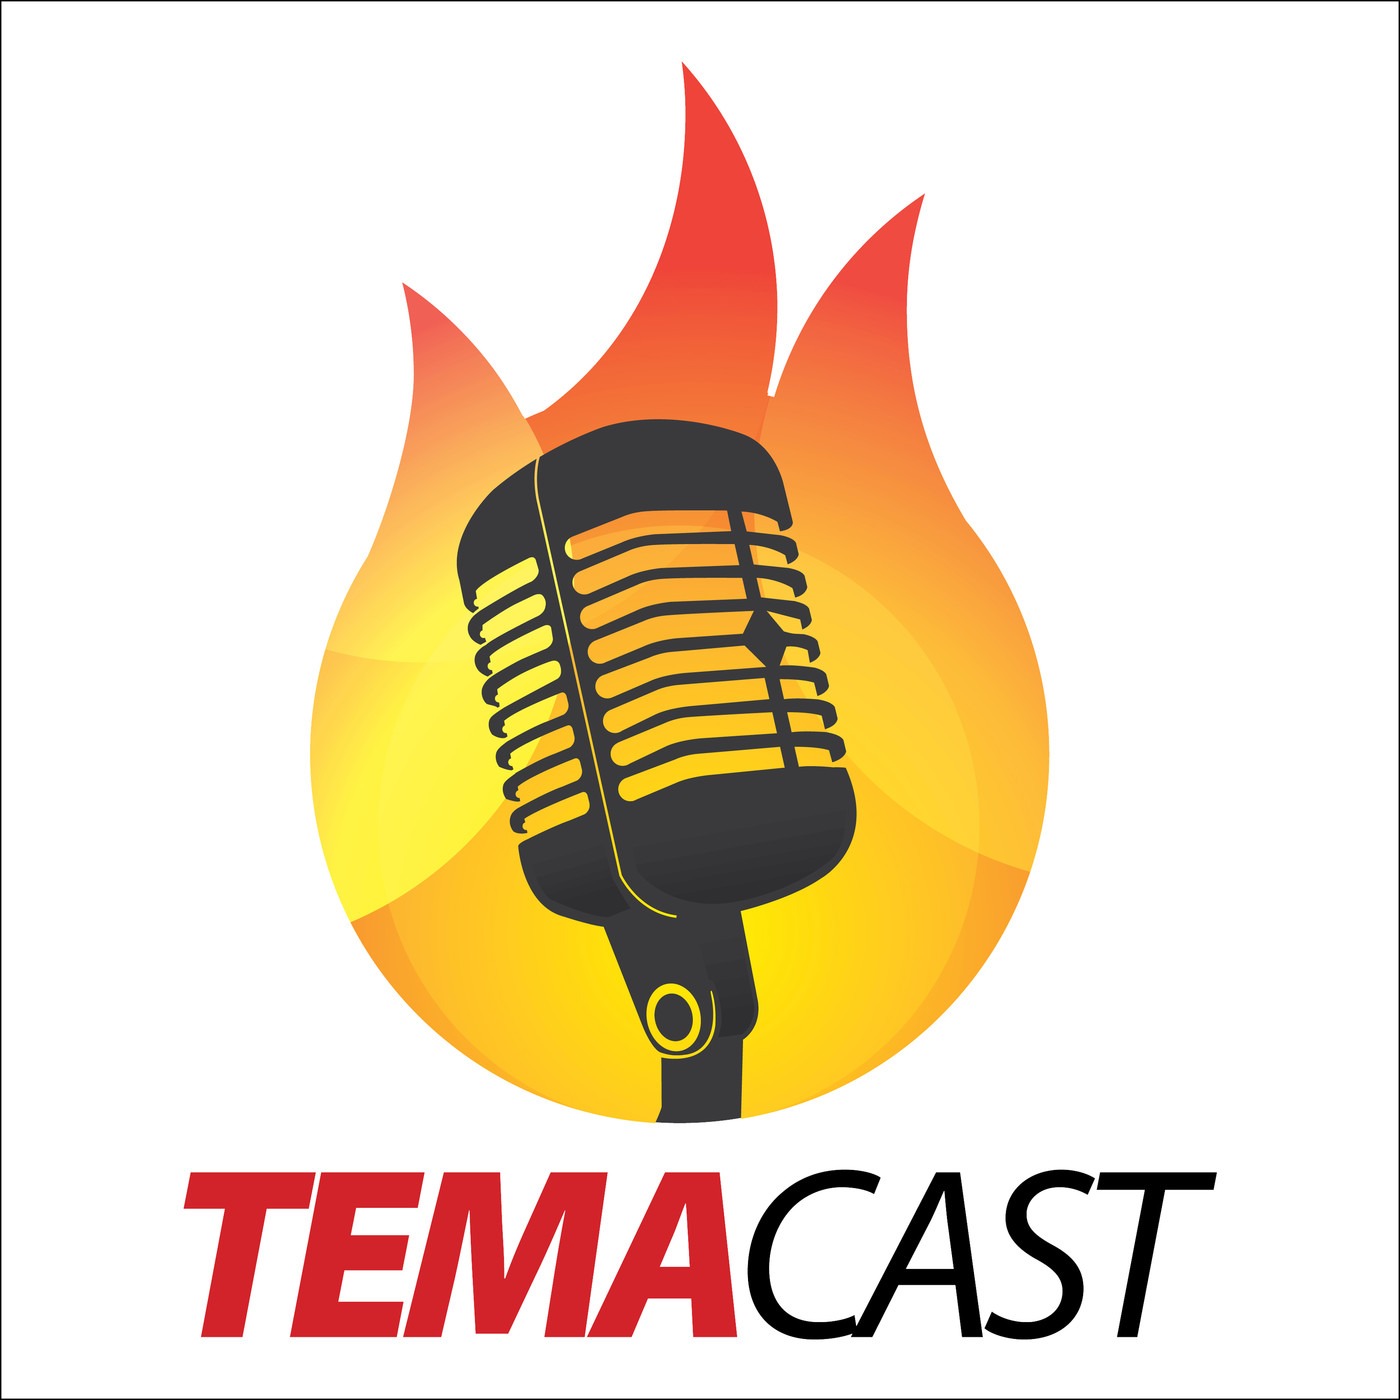 Temacast #123 - Abertura dos portos e do comércio